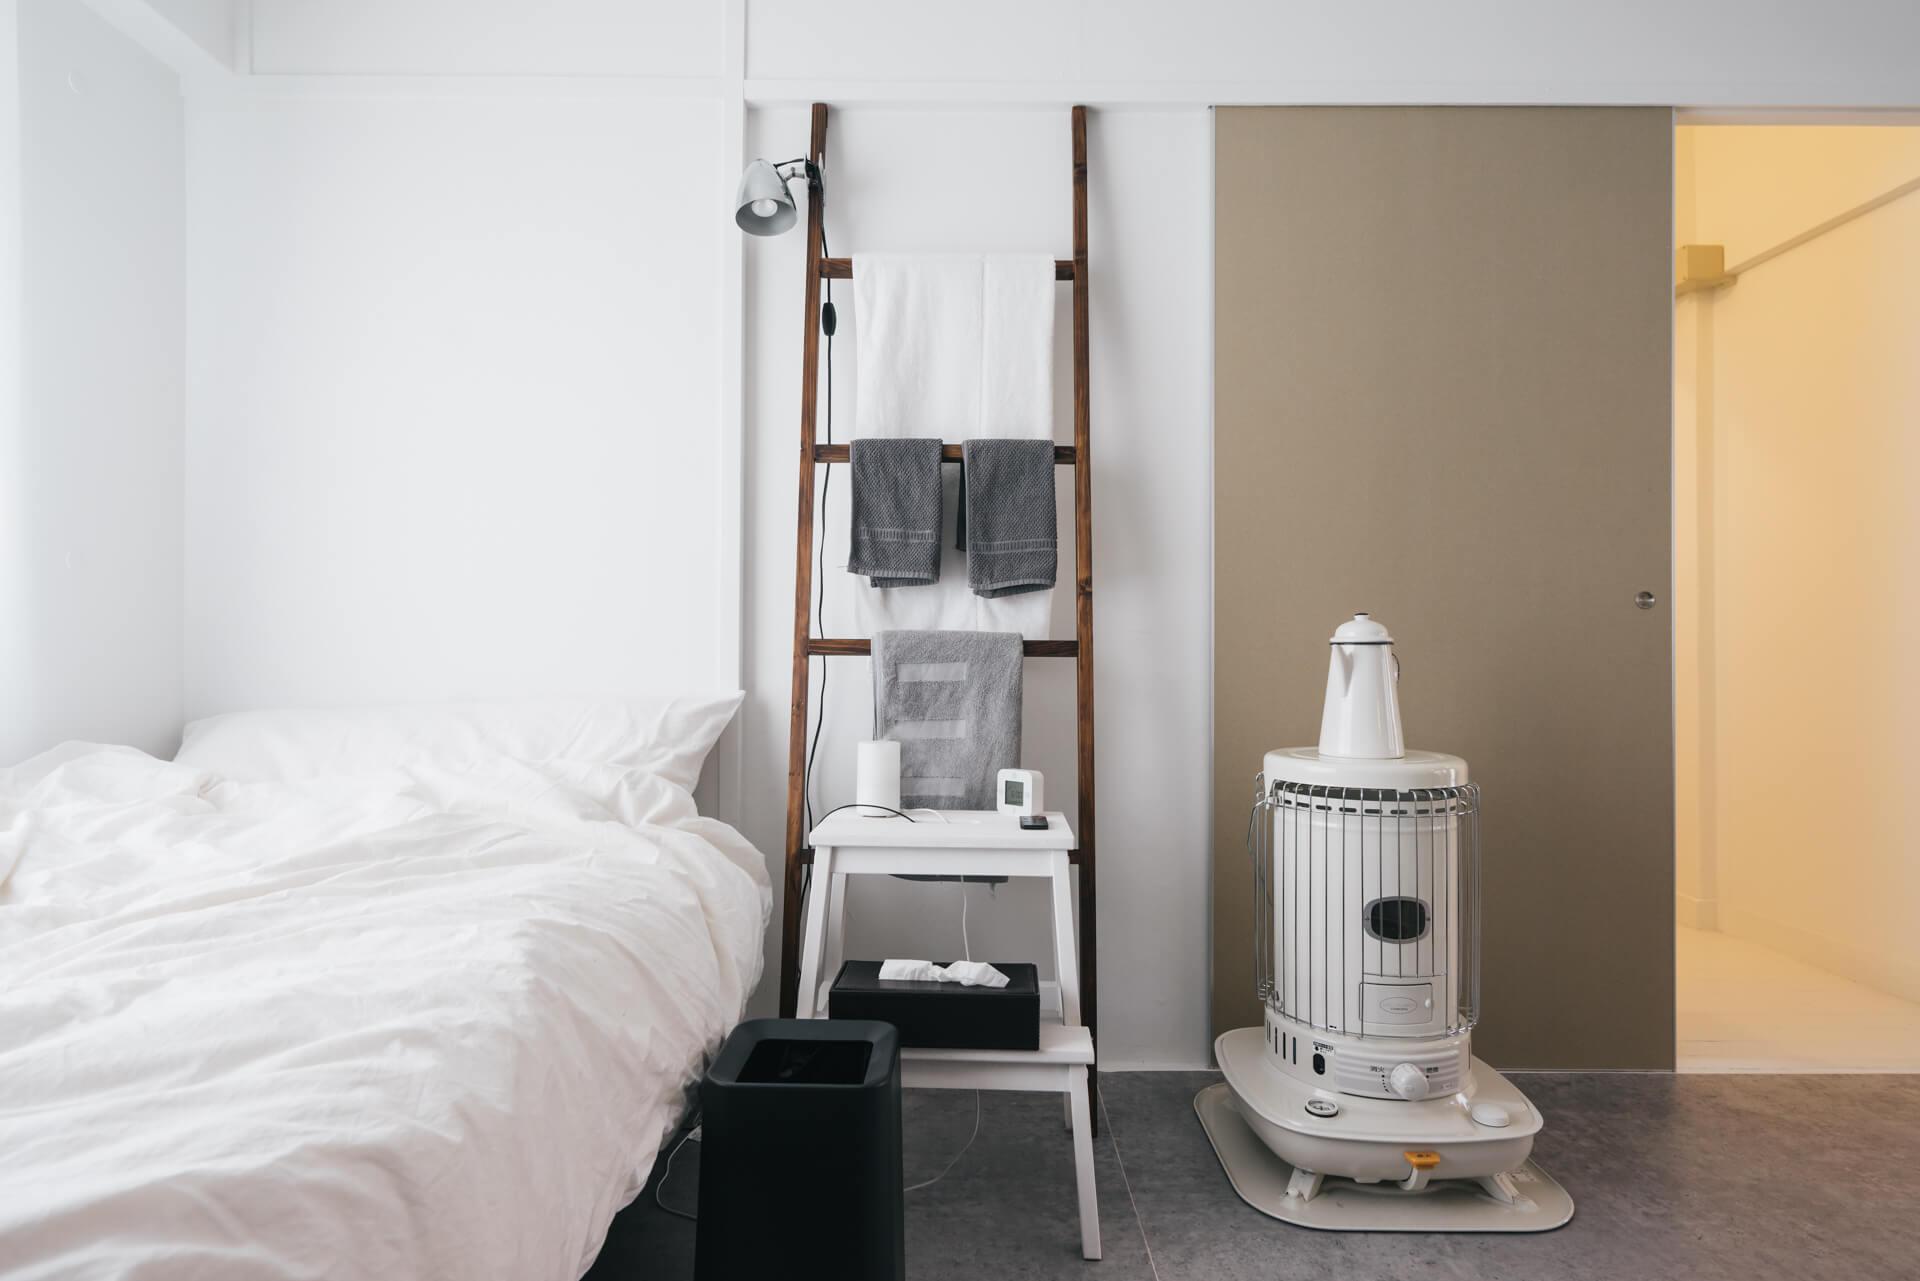 ベッドの横には、これもご自身で作られたというラダー。シンプルな中にも必要なものはすぐ手に届くようになっていて、機能的。